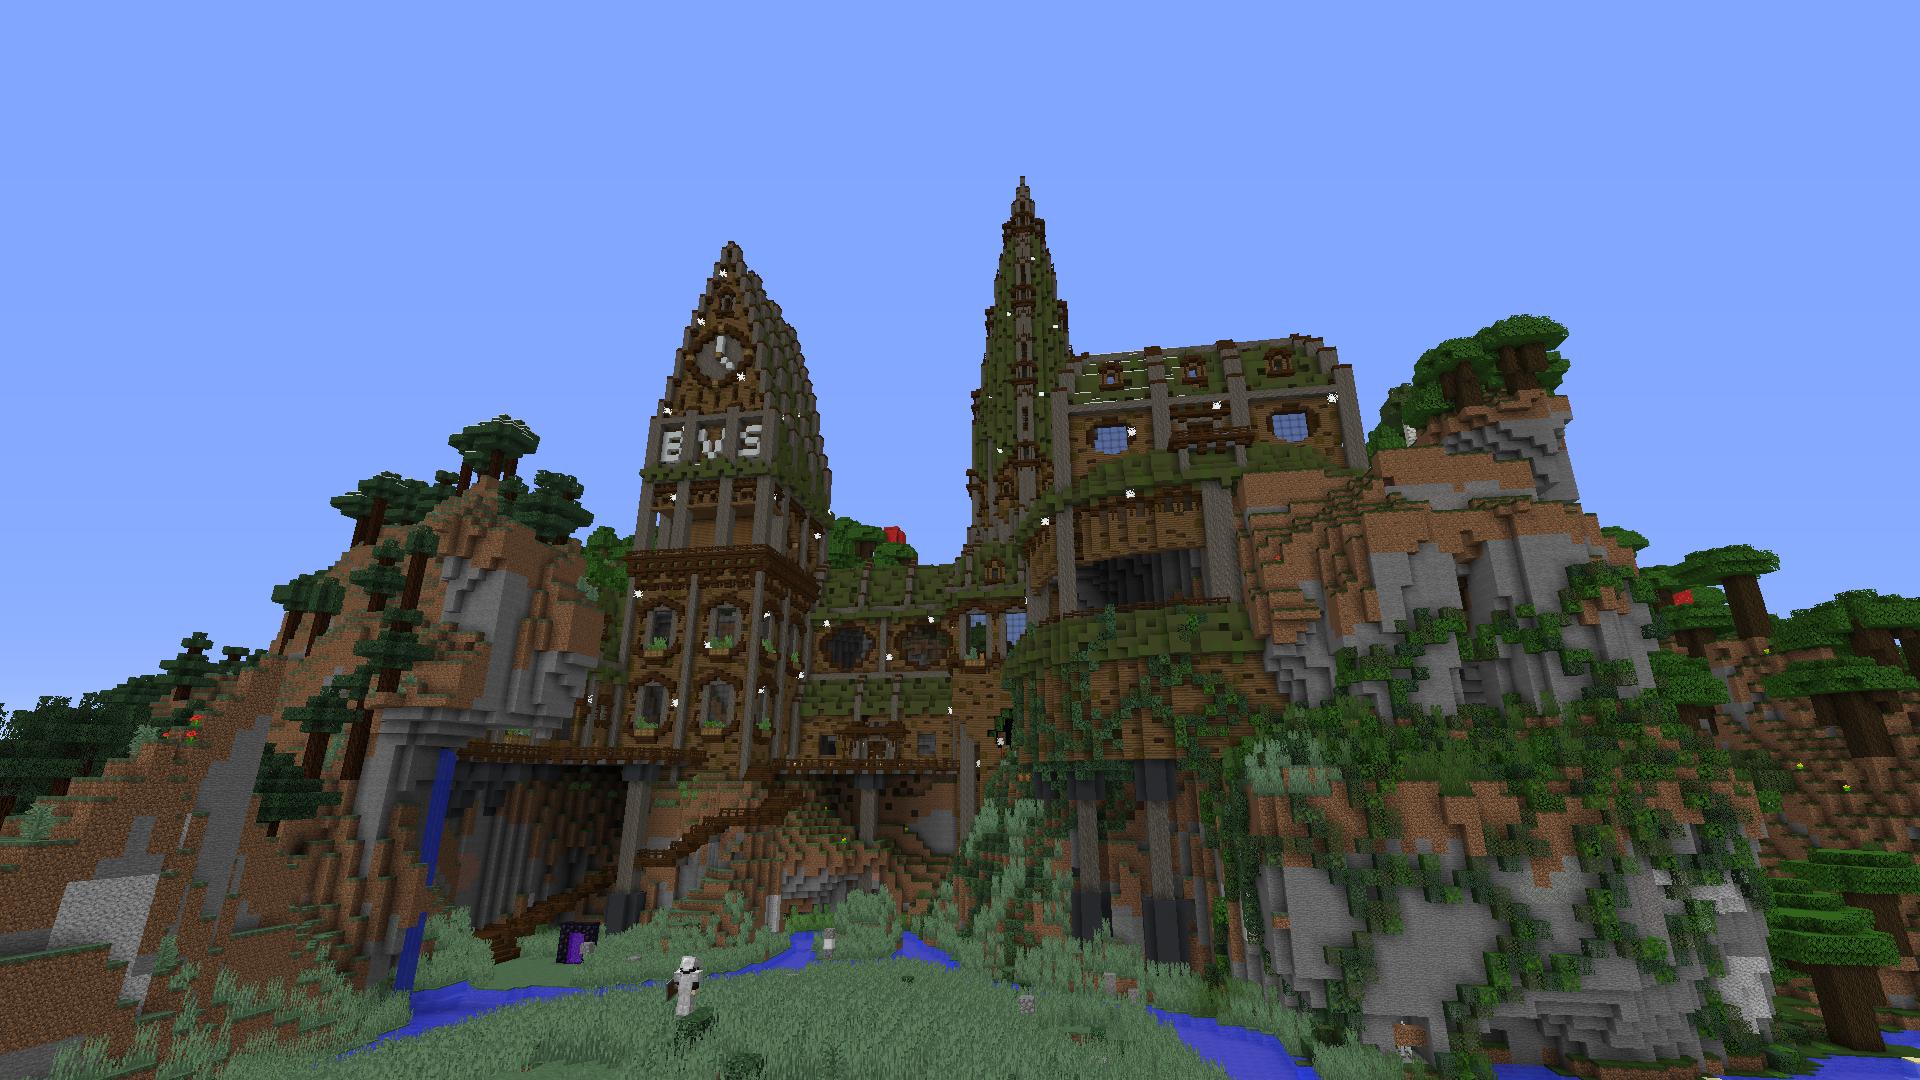 Minecraft Building Ideas Reddit